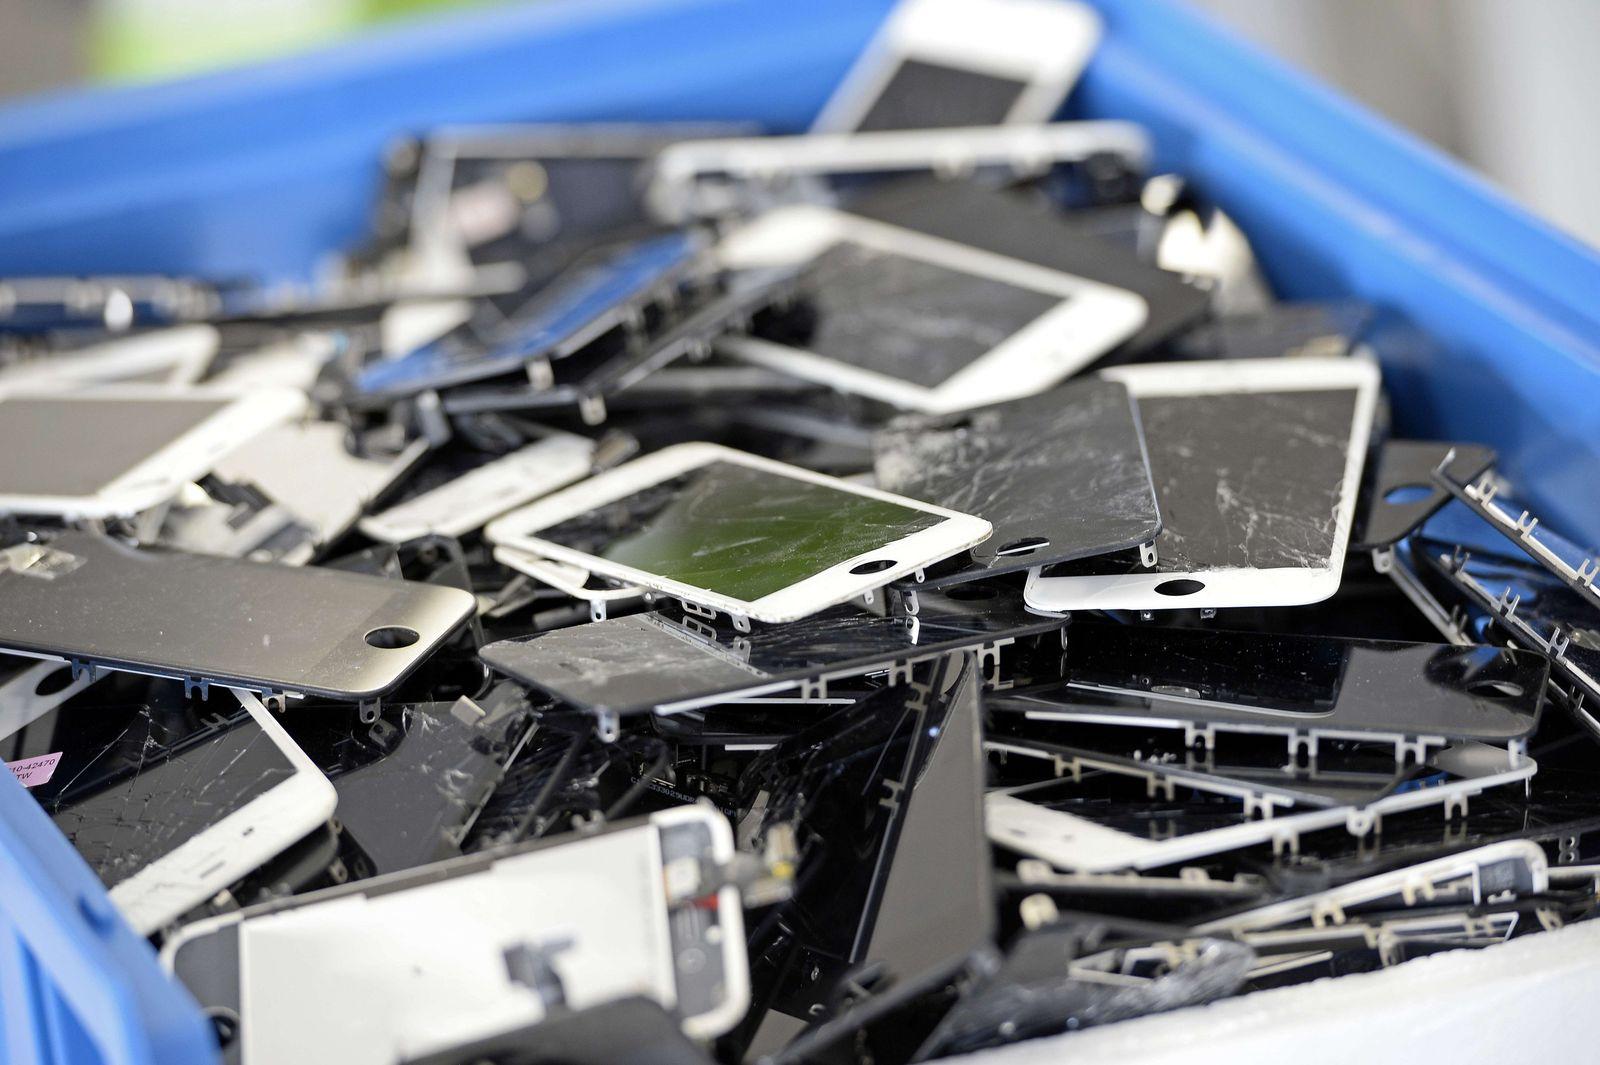 Smartphones / kaputt